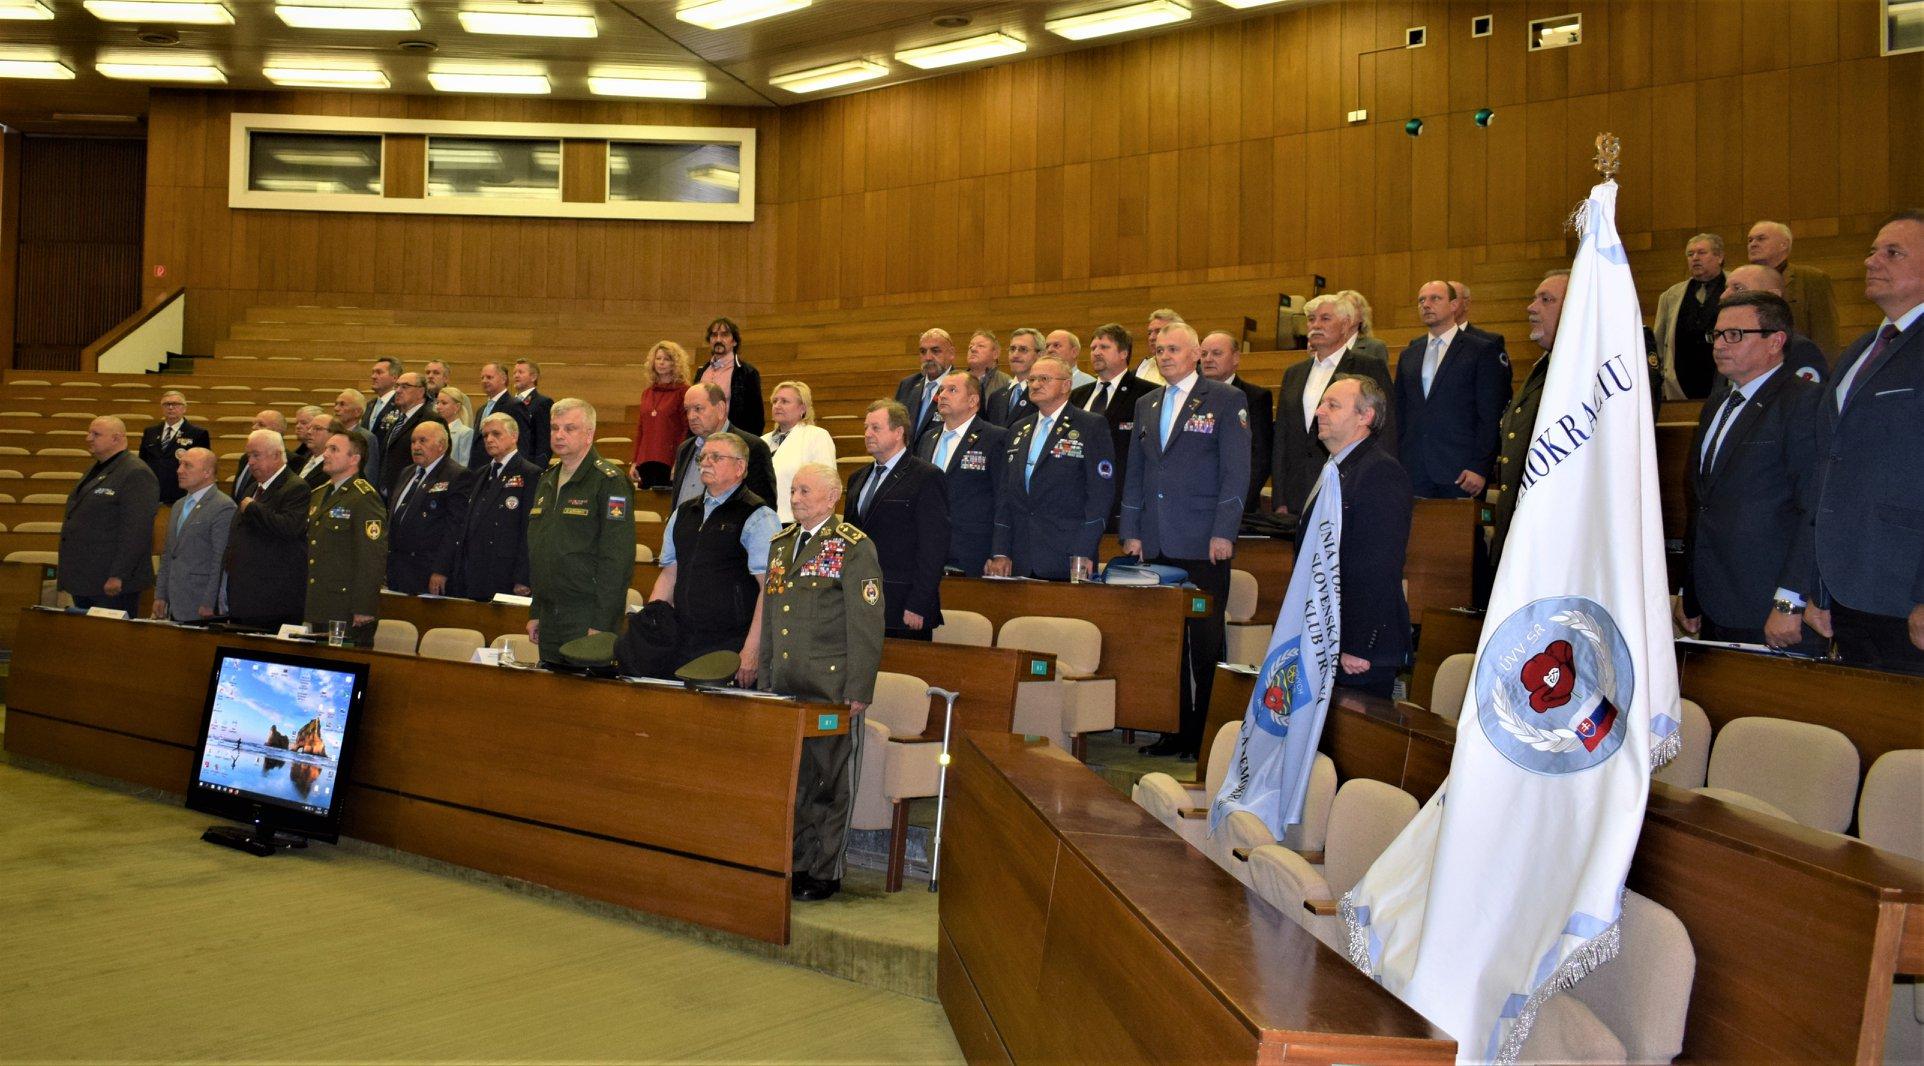 Konference Slovensko 2019